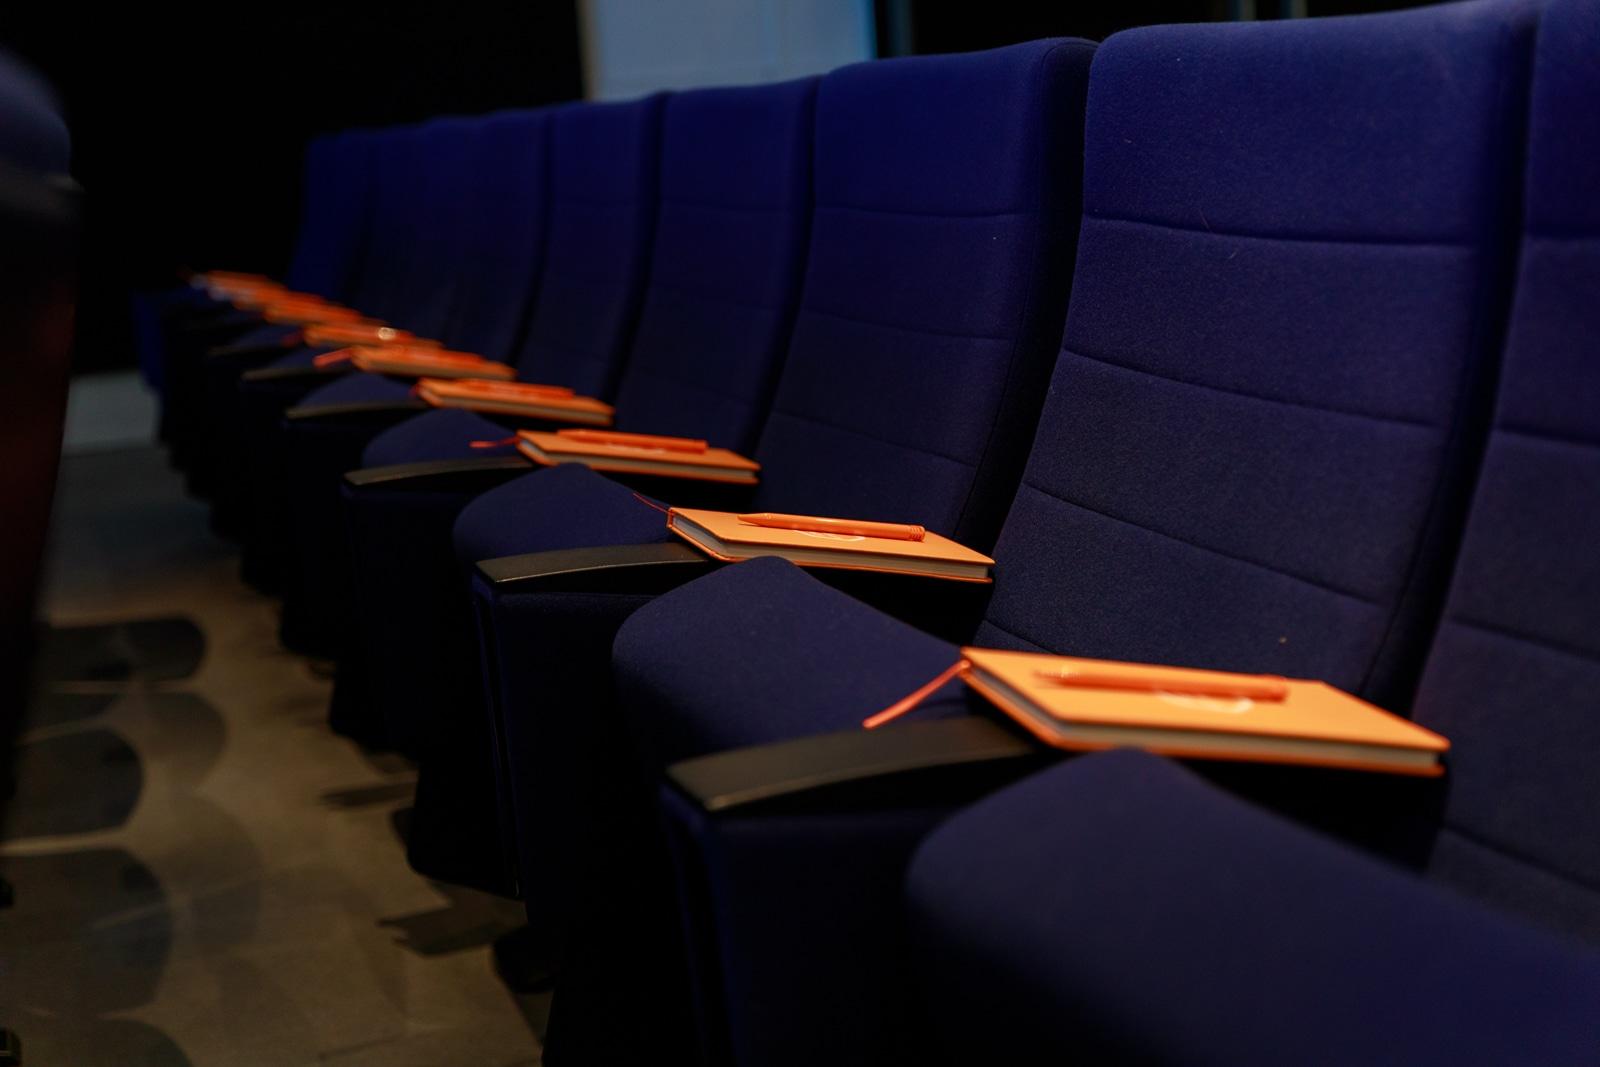 Fauteuils d'un auditorium avec des carnets oranges sur les accoudoirs